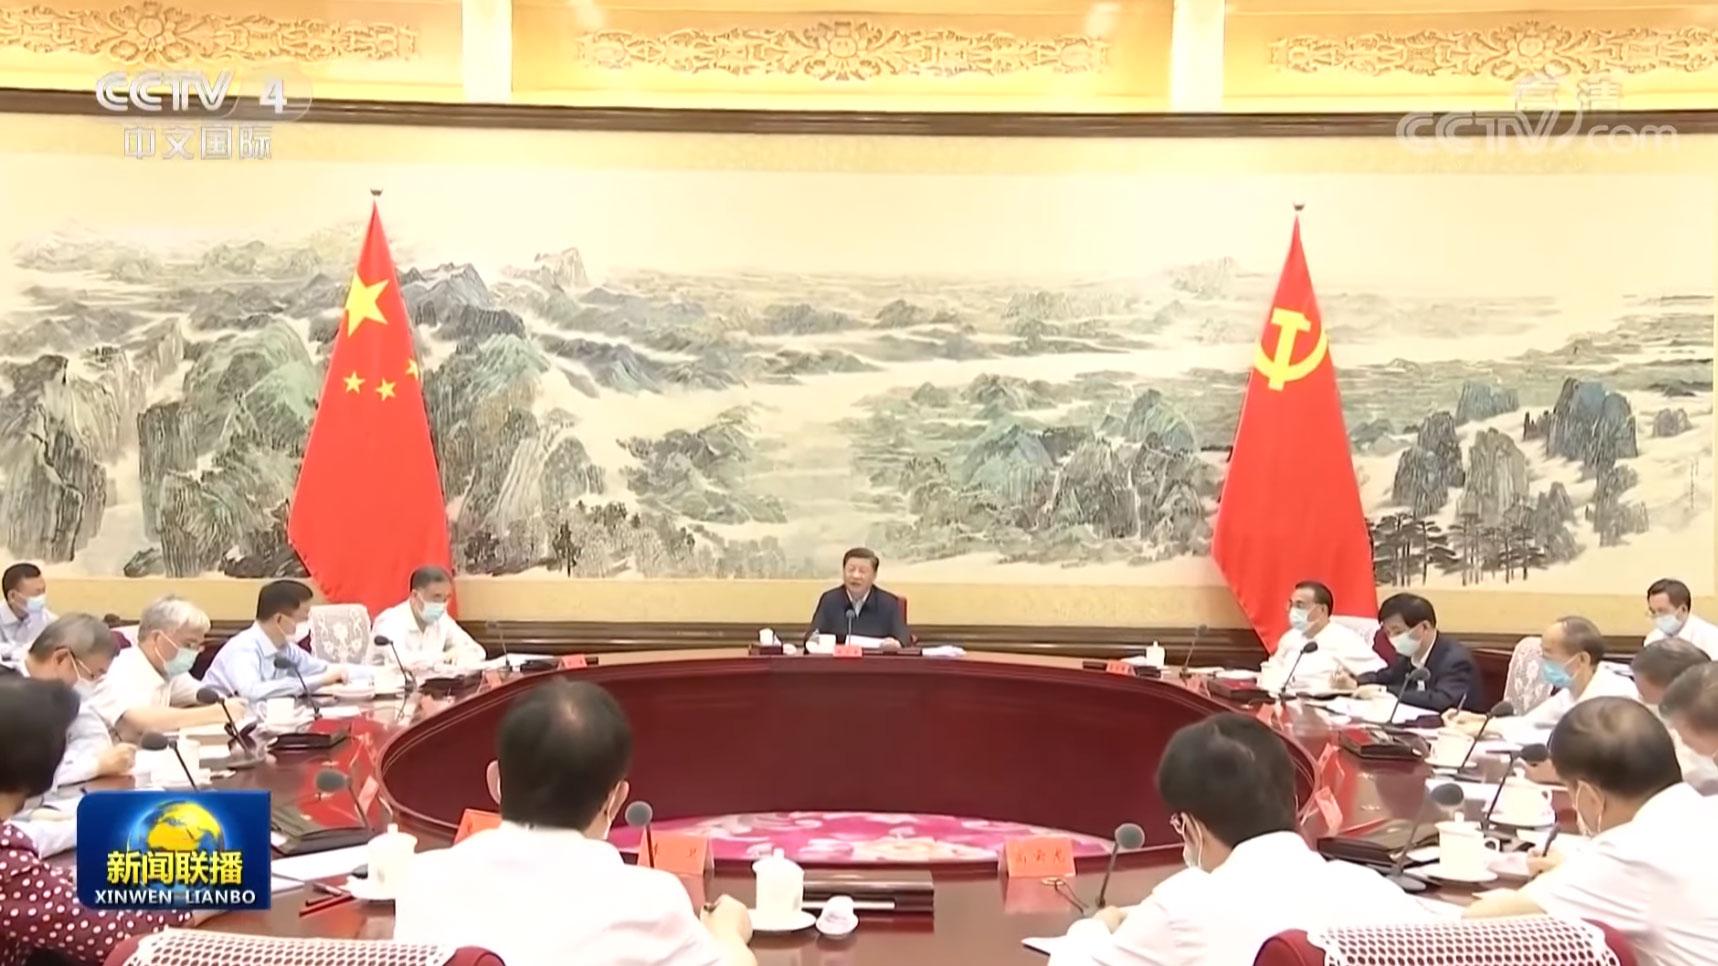 2020年7月30日,中共中央政治局召開會議,會議表示,當前經濟形勢仍然複雜嚴峻,不穩定、不確定較大,中國遇到的很多問題是中長期的,必須從持久戰的角度加以認識。(視頻截圖)